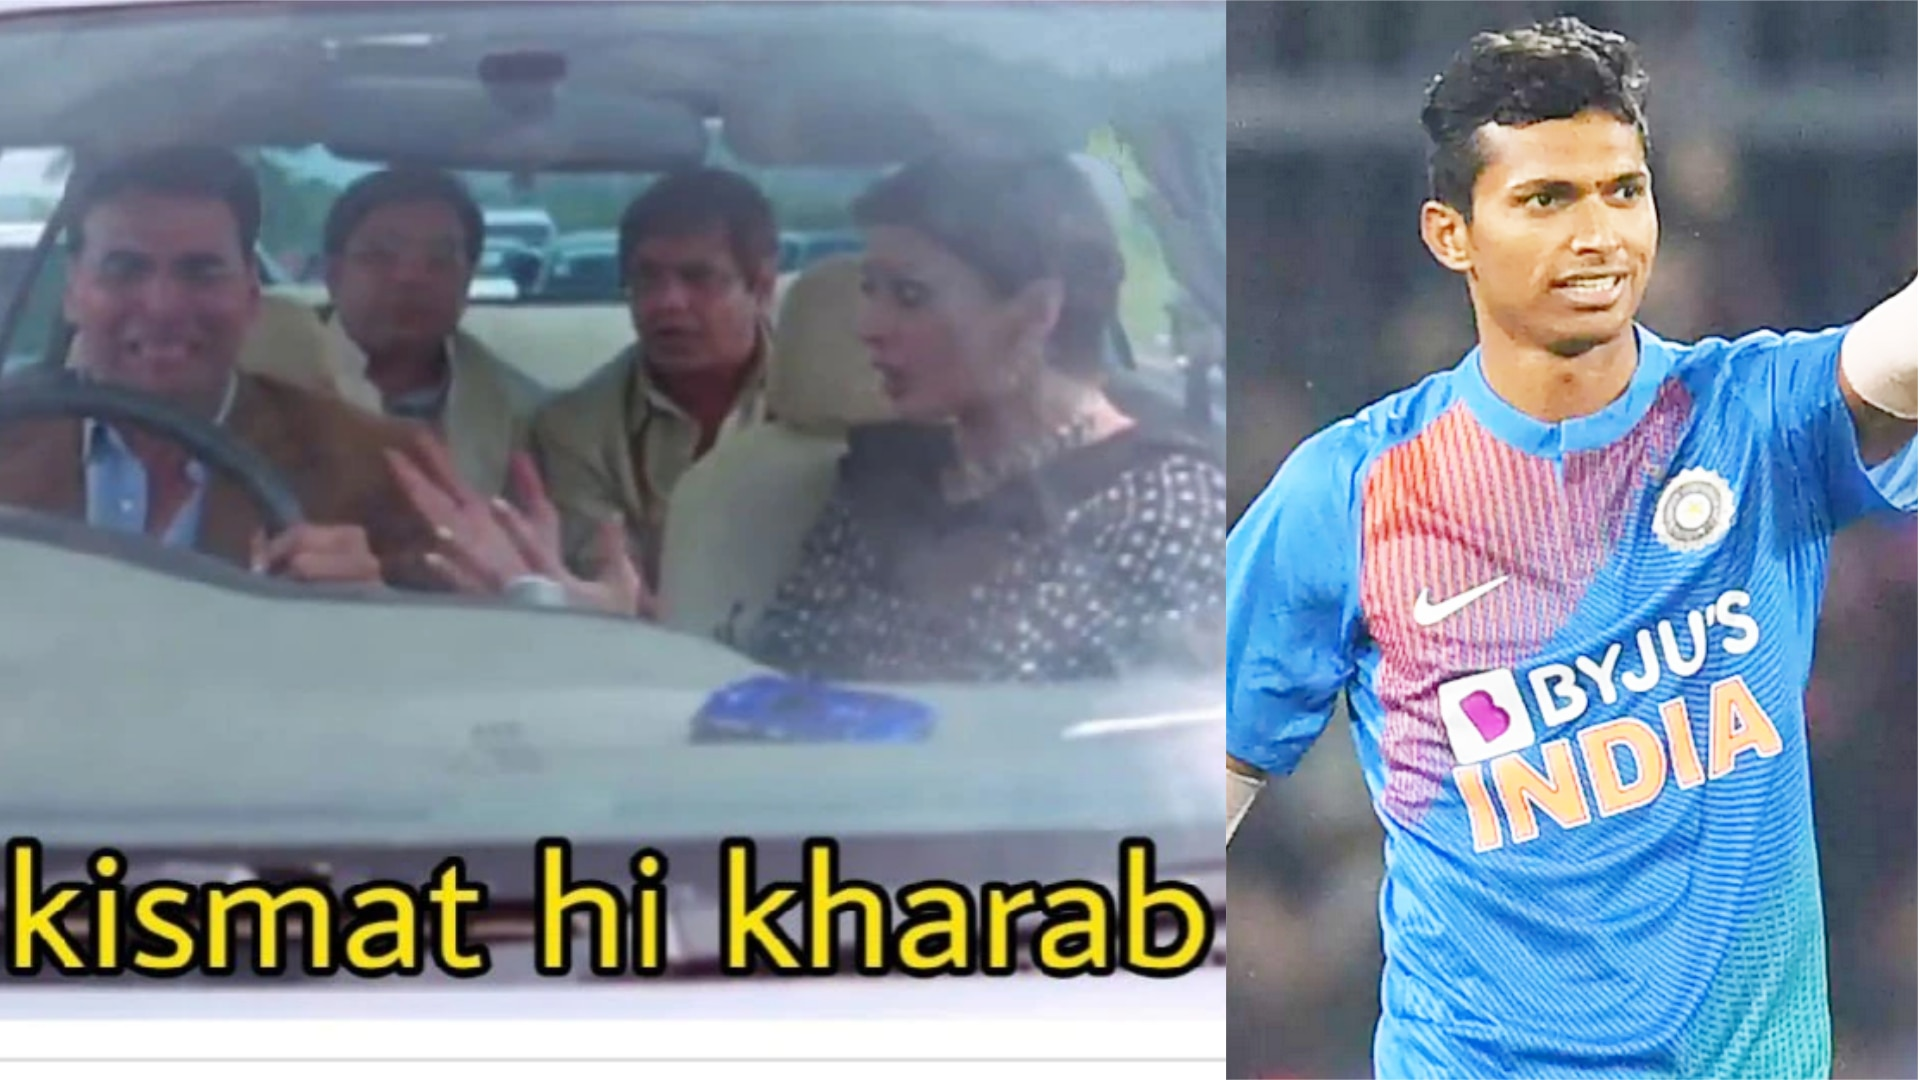 IND vs SL: Navdeep Saini को पूरे मैच में Shikhar Dhawan ने नहीं दिया ओवर! लोगों ने कहा- किस्मत ही खराब है